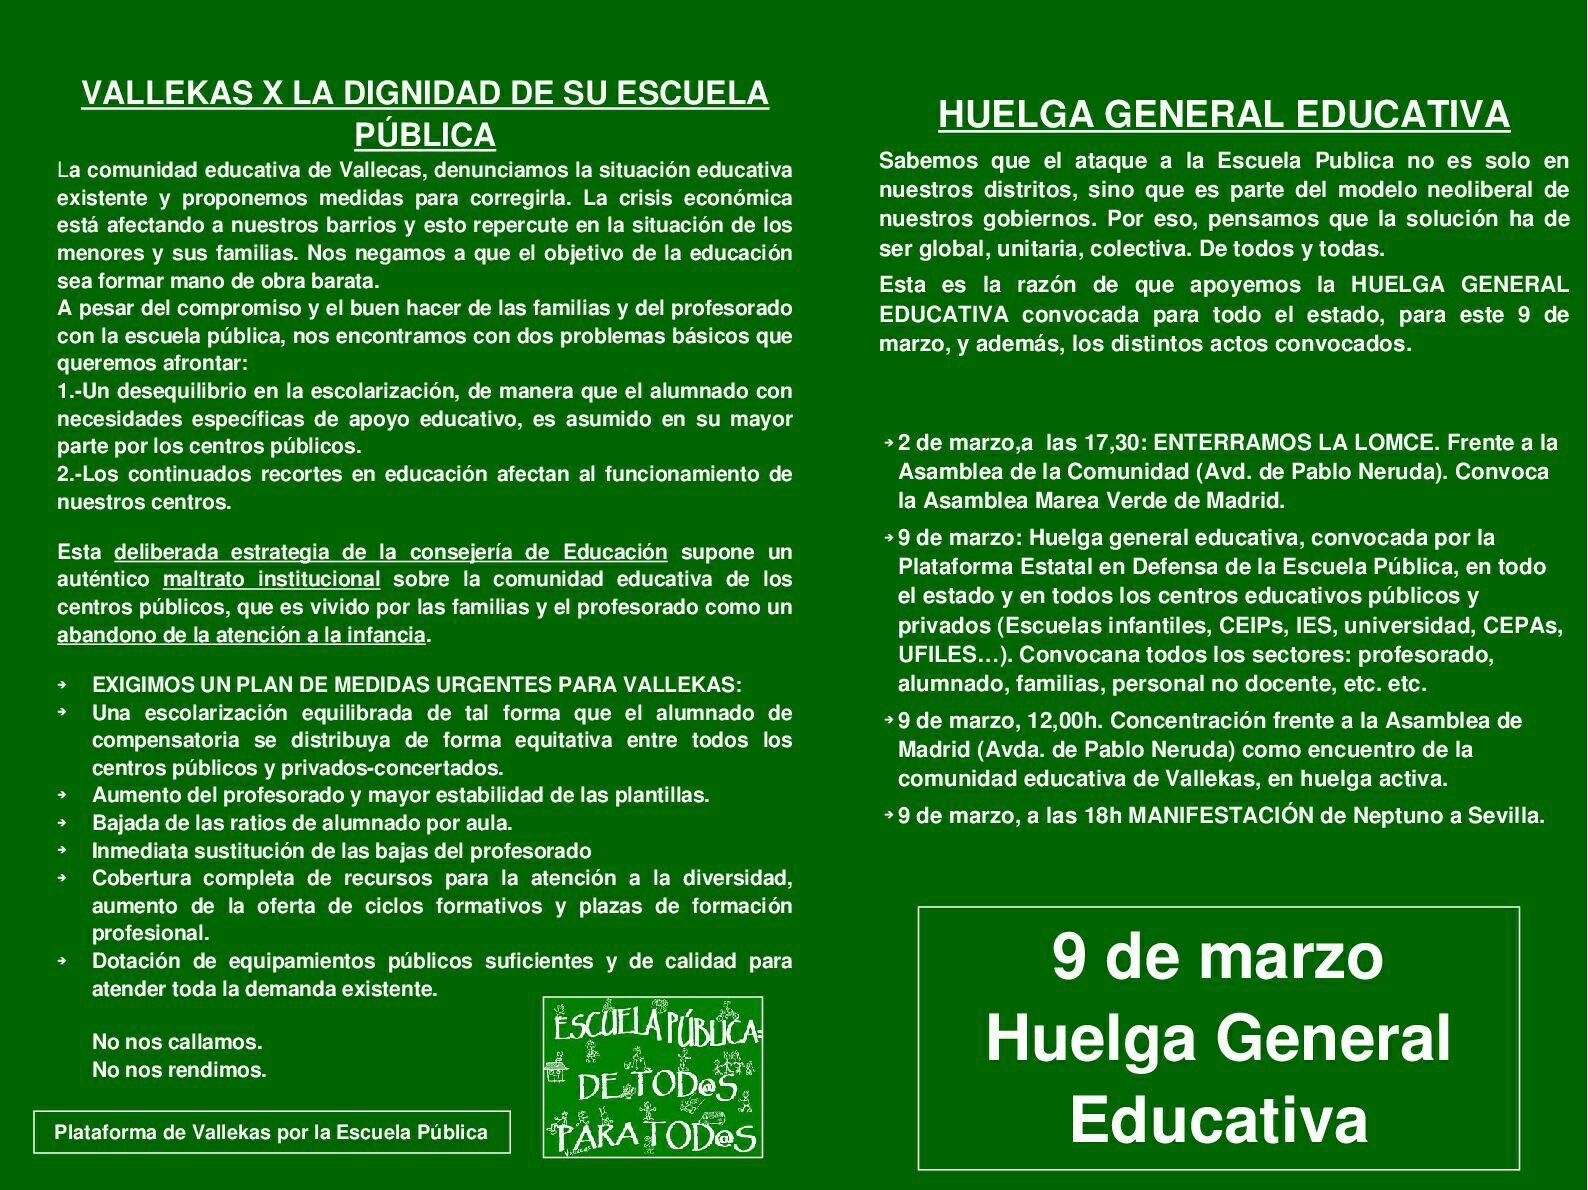 Educación Pública Vallekas